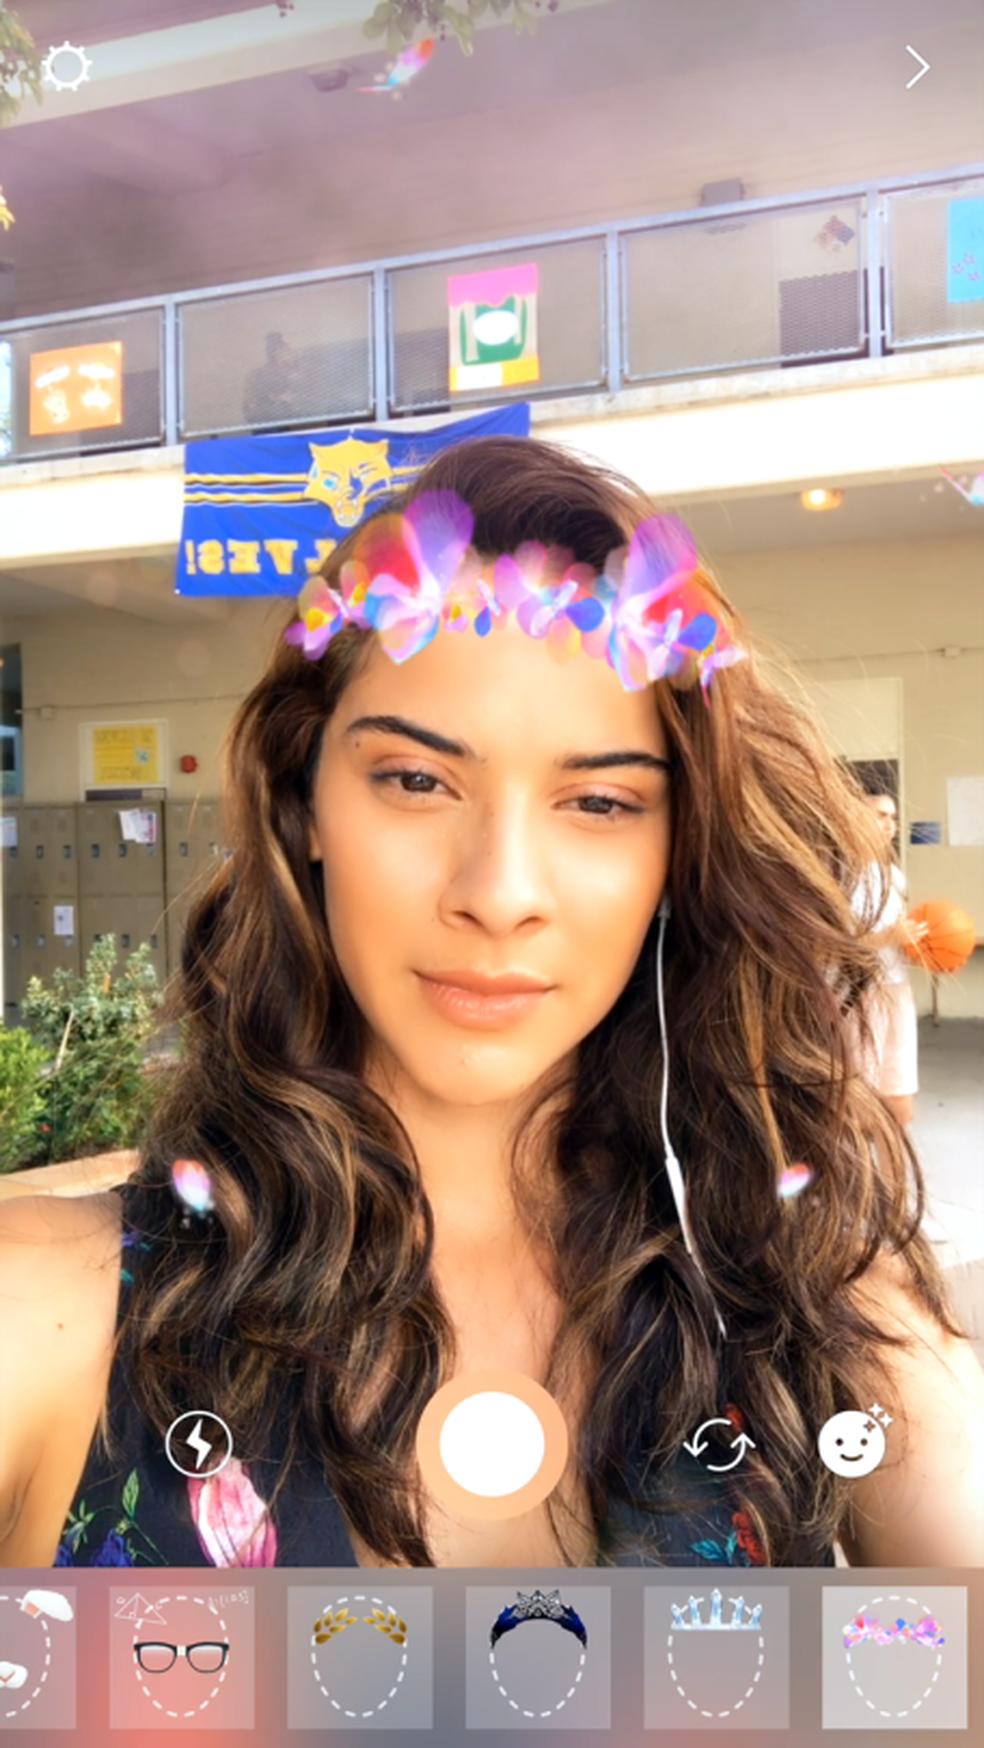 Instagram introduz filtros no modo Stories (Foto: Divulgação/Instagram)